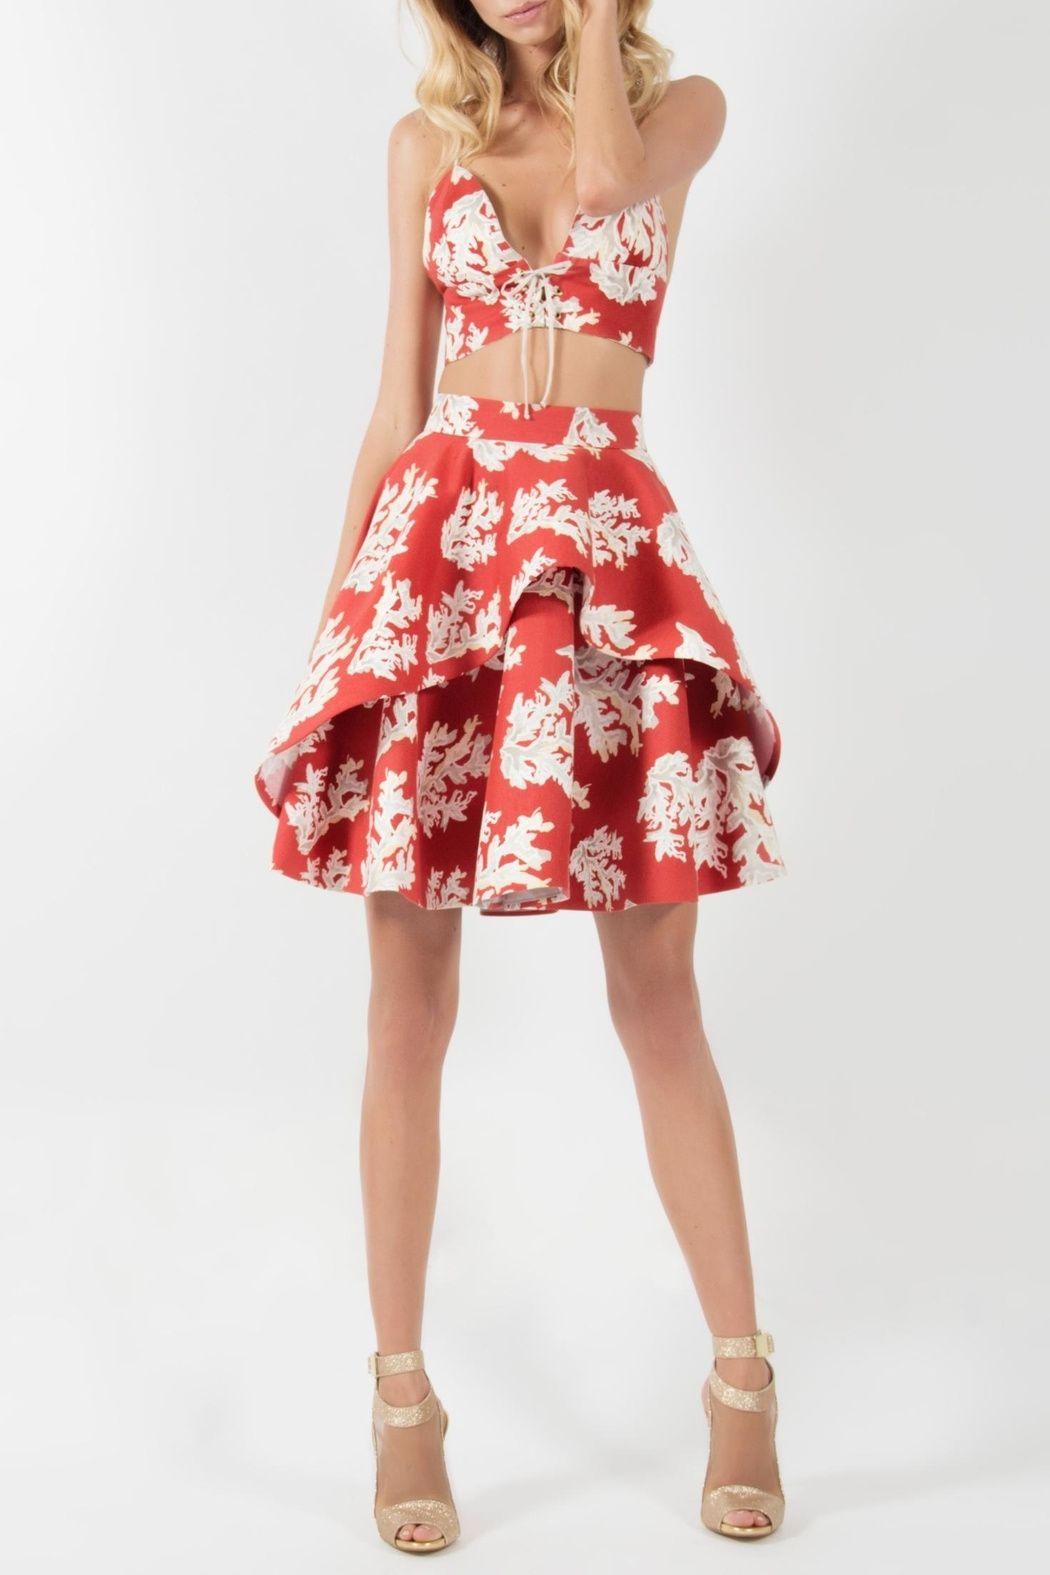 1d1292a7f8e Two piece short dress matching set. High waisted printed full skirt